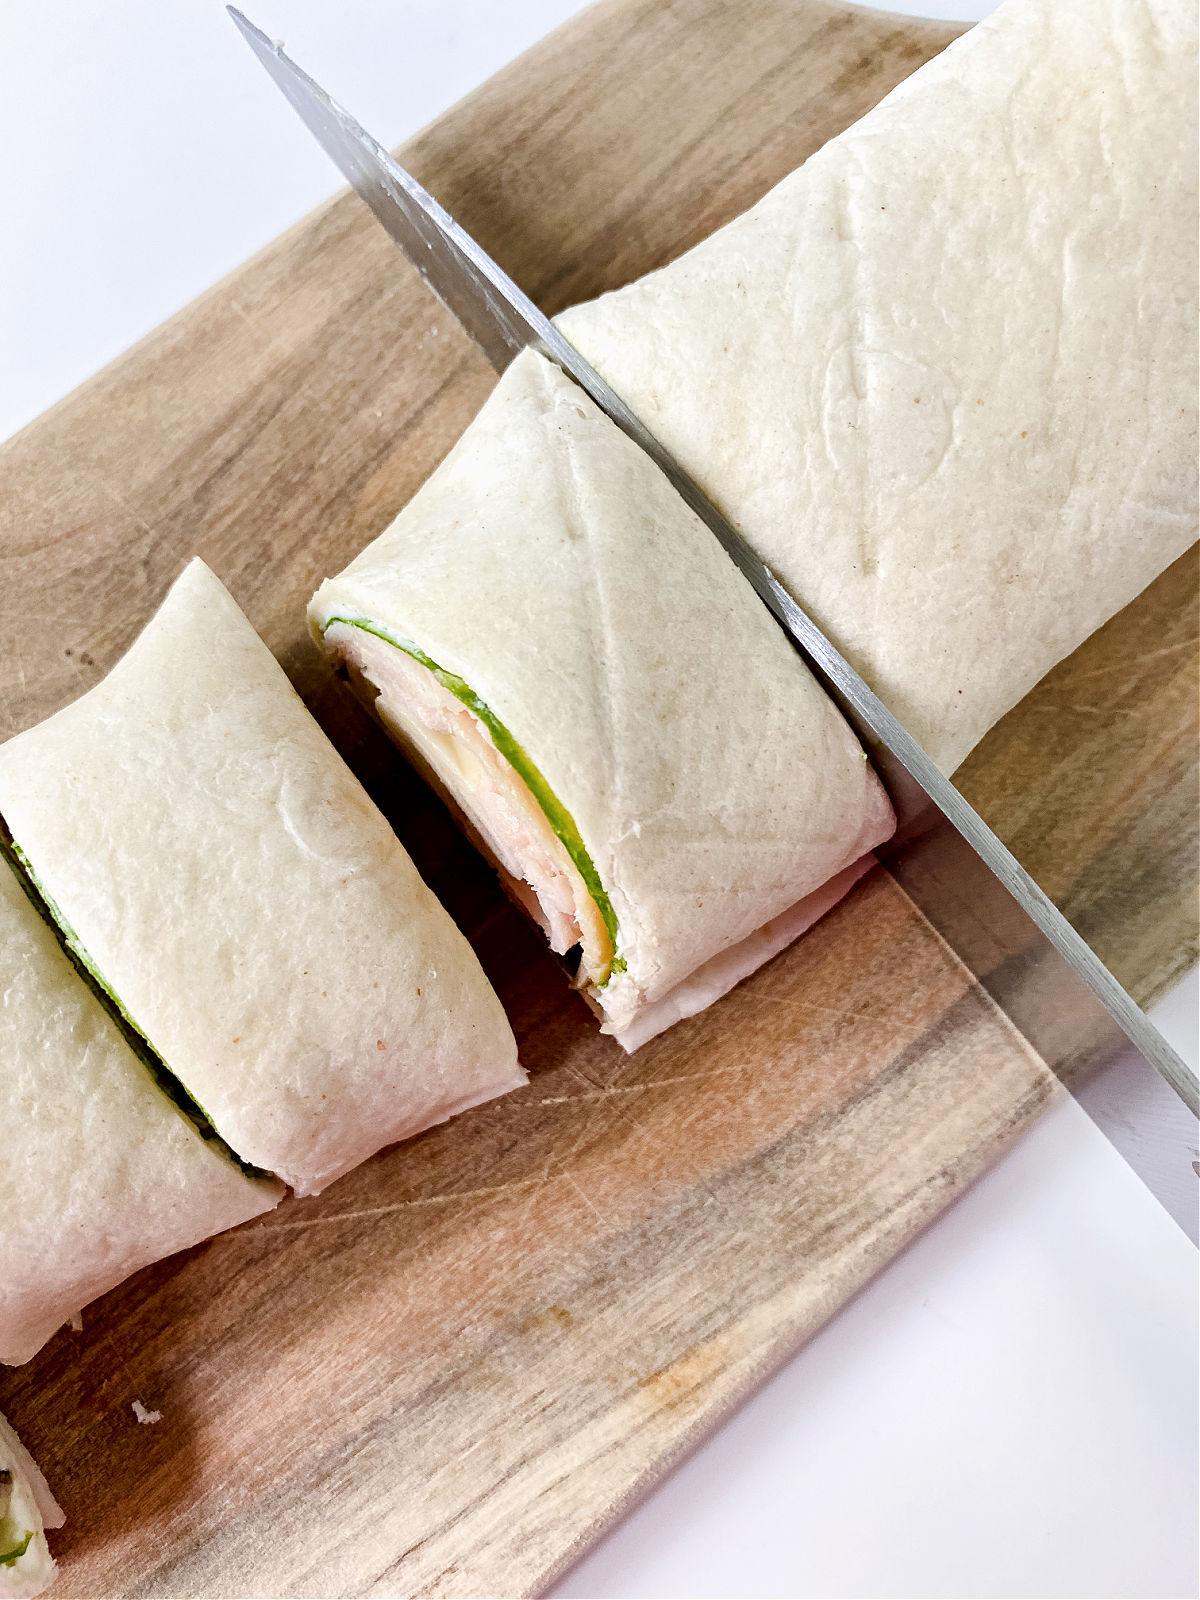 Knife cutting through a rolled pinwheel sandwich.